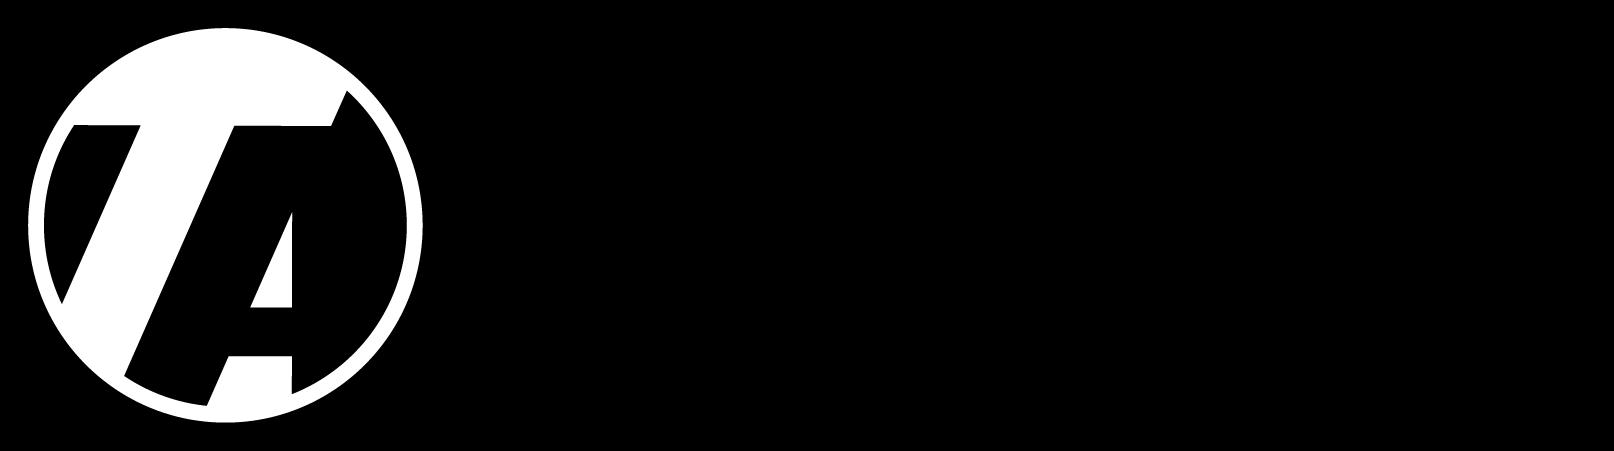 SFCTA